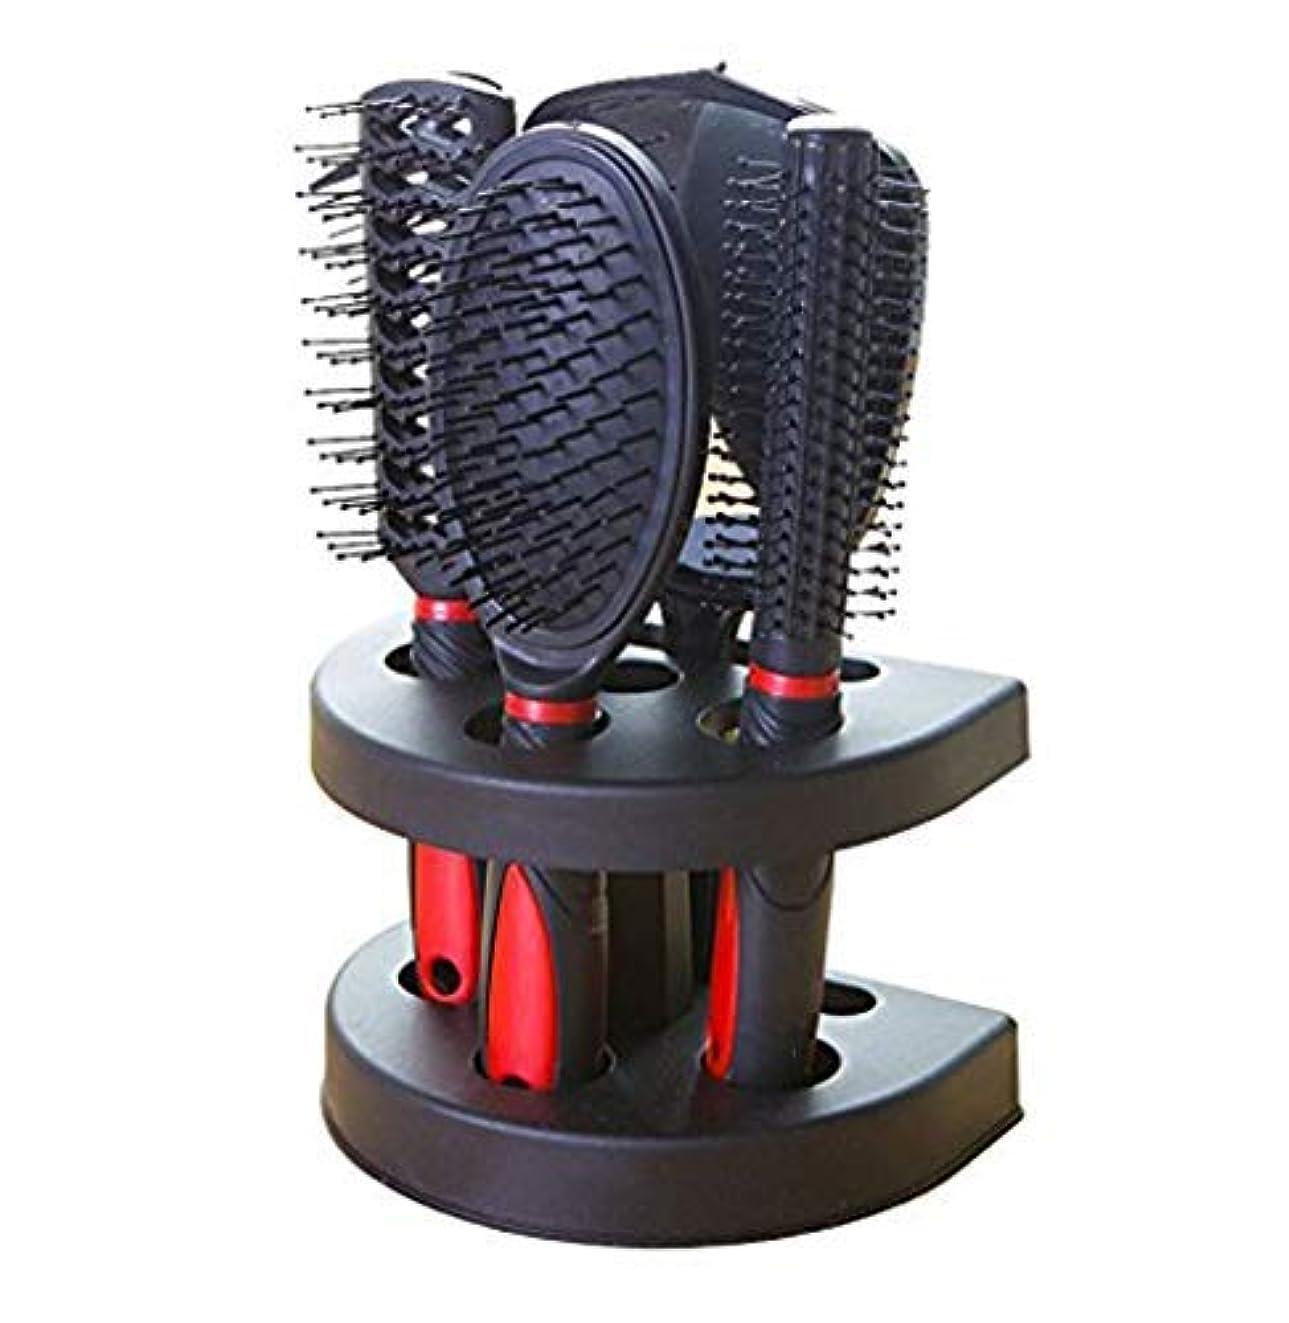 関連する圧縮半島Healthcom Hairs Combs Salon Hairdressing Styling Tool Hair Cutting Brushes Sets Dressing Comb Kits,Set of 5 [並行輸入品]